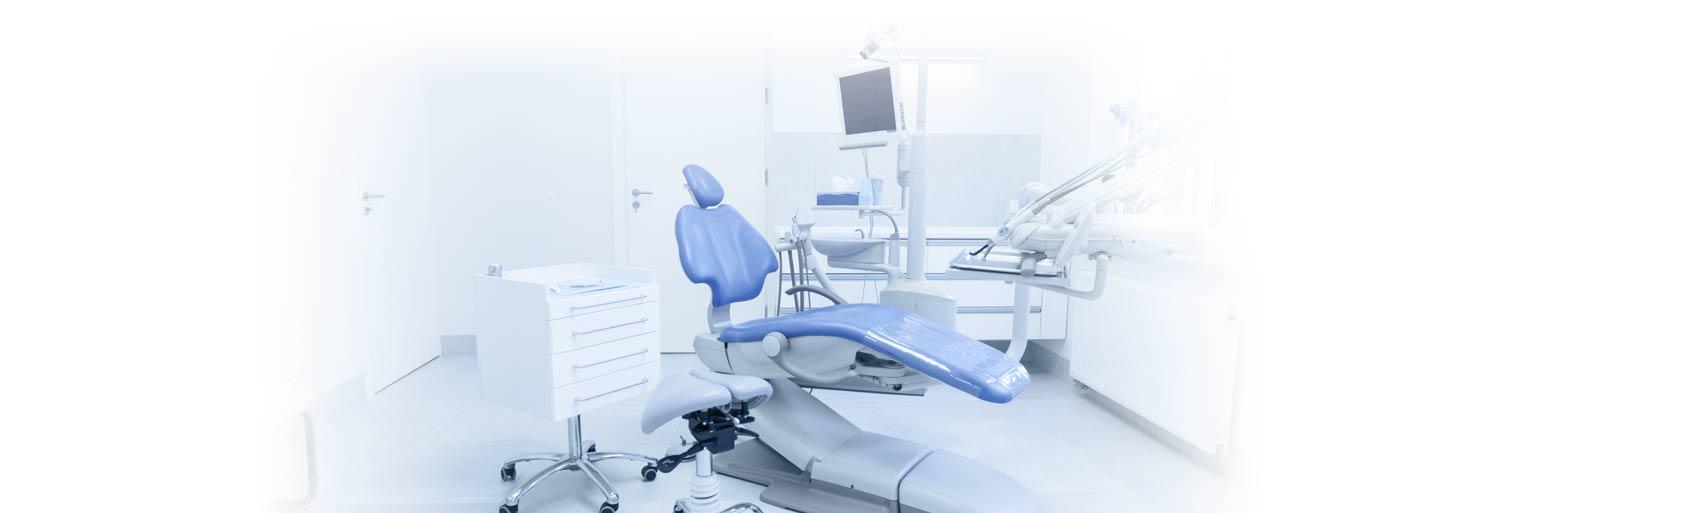 DM Family Dentistry - Chicago Dentist Family Dentistry